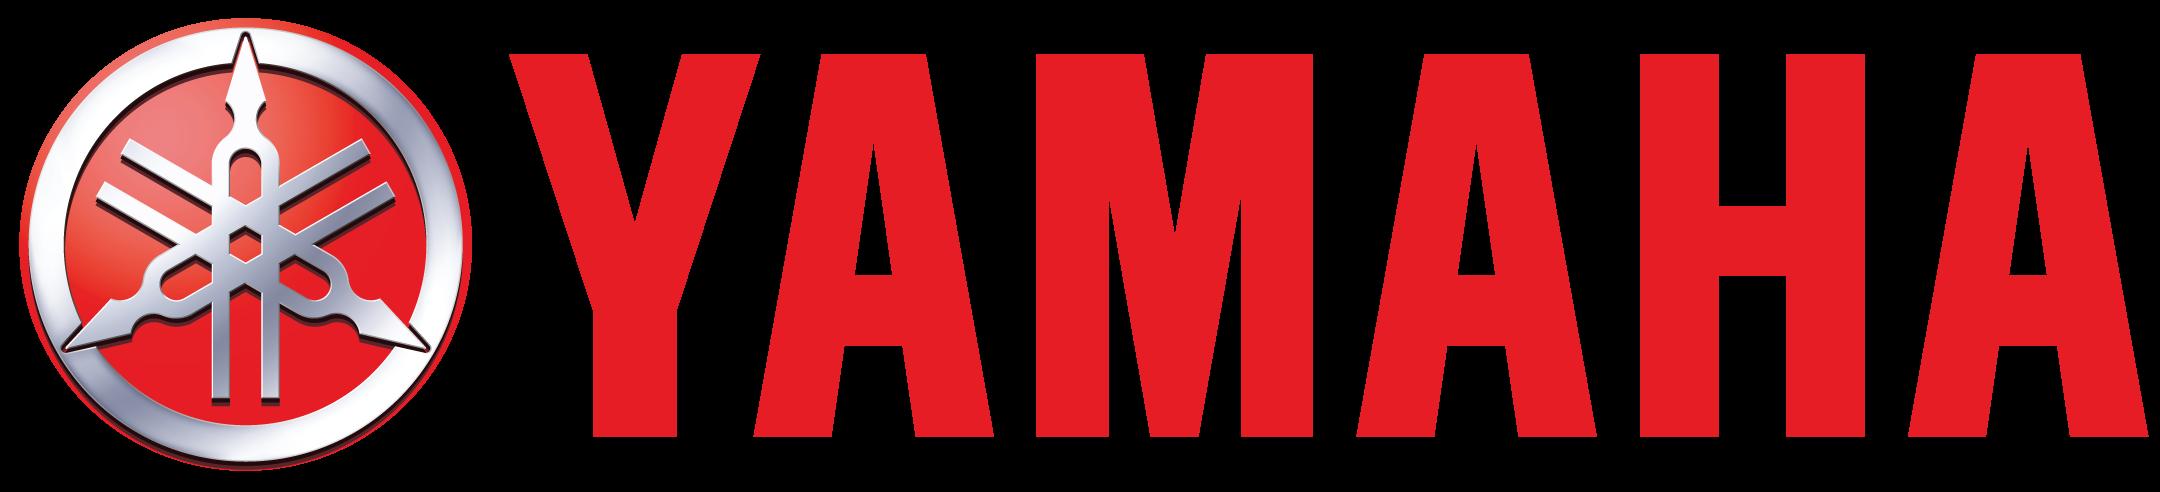 yamaha logo 2 1 - Yamaha Motor Logo